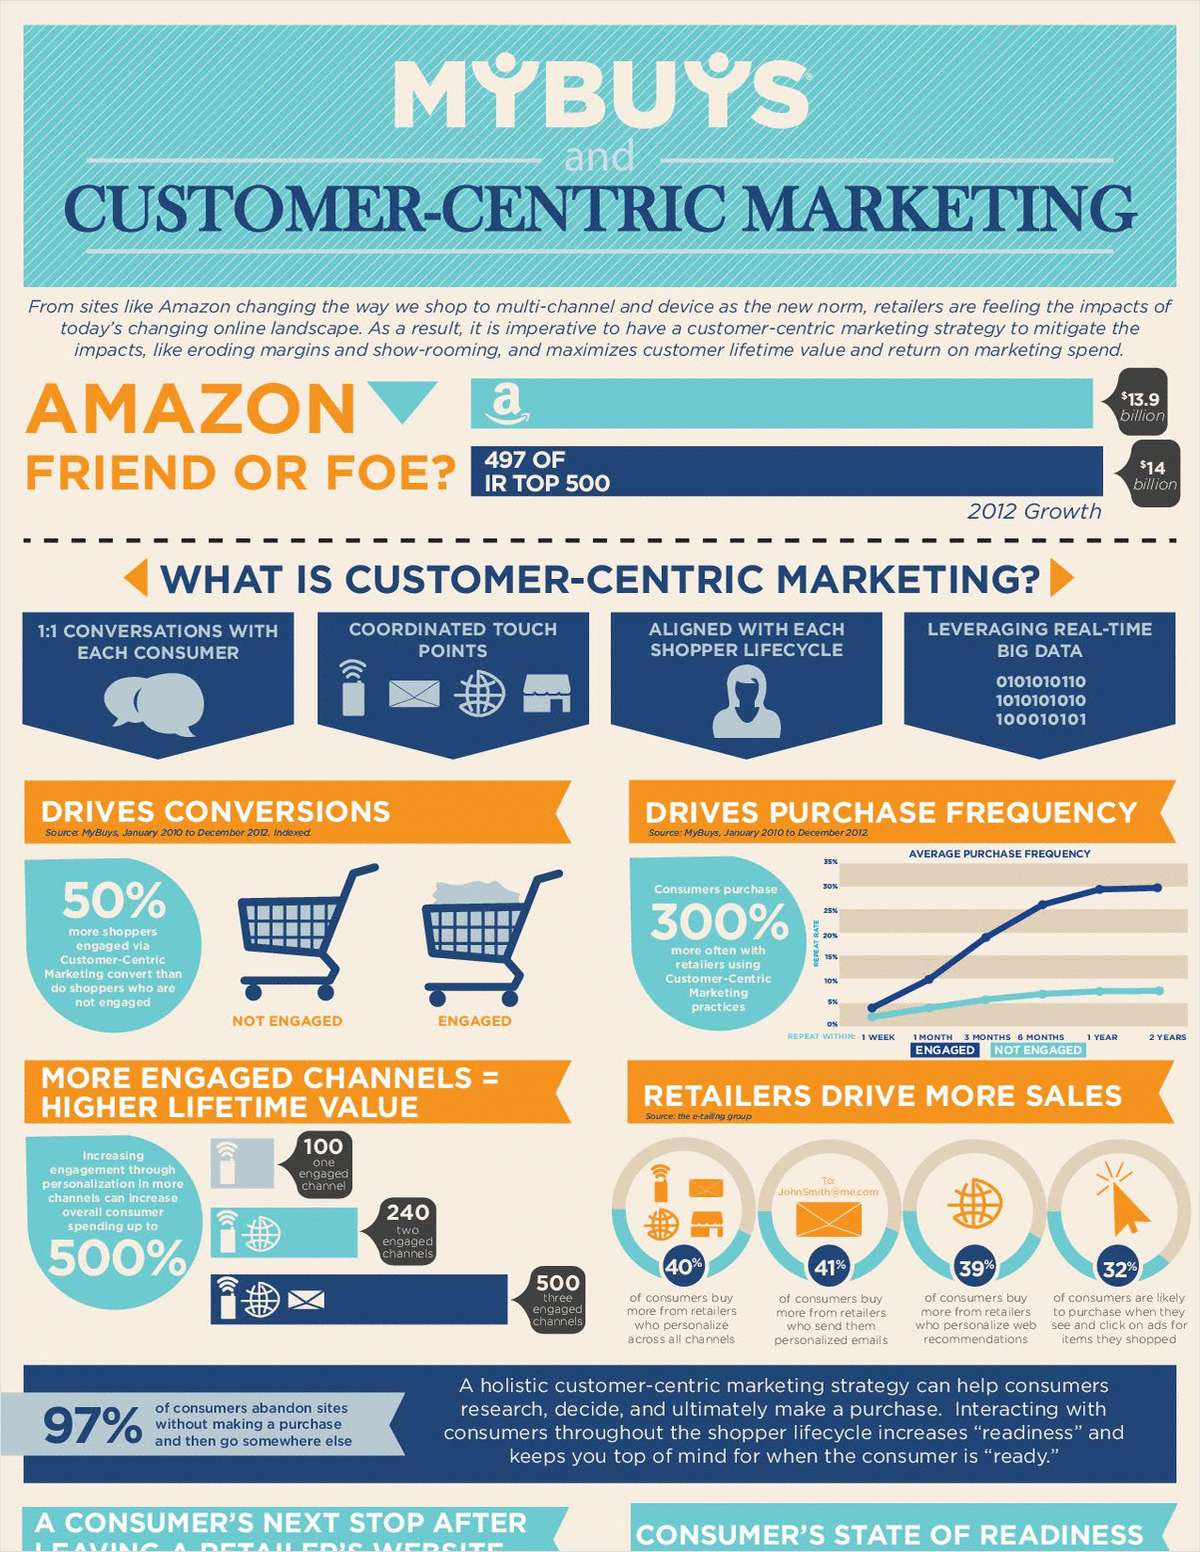 Customer-Centric Marketing at a Glance